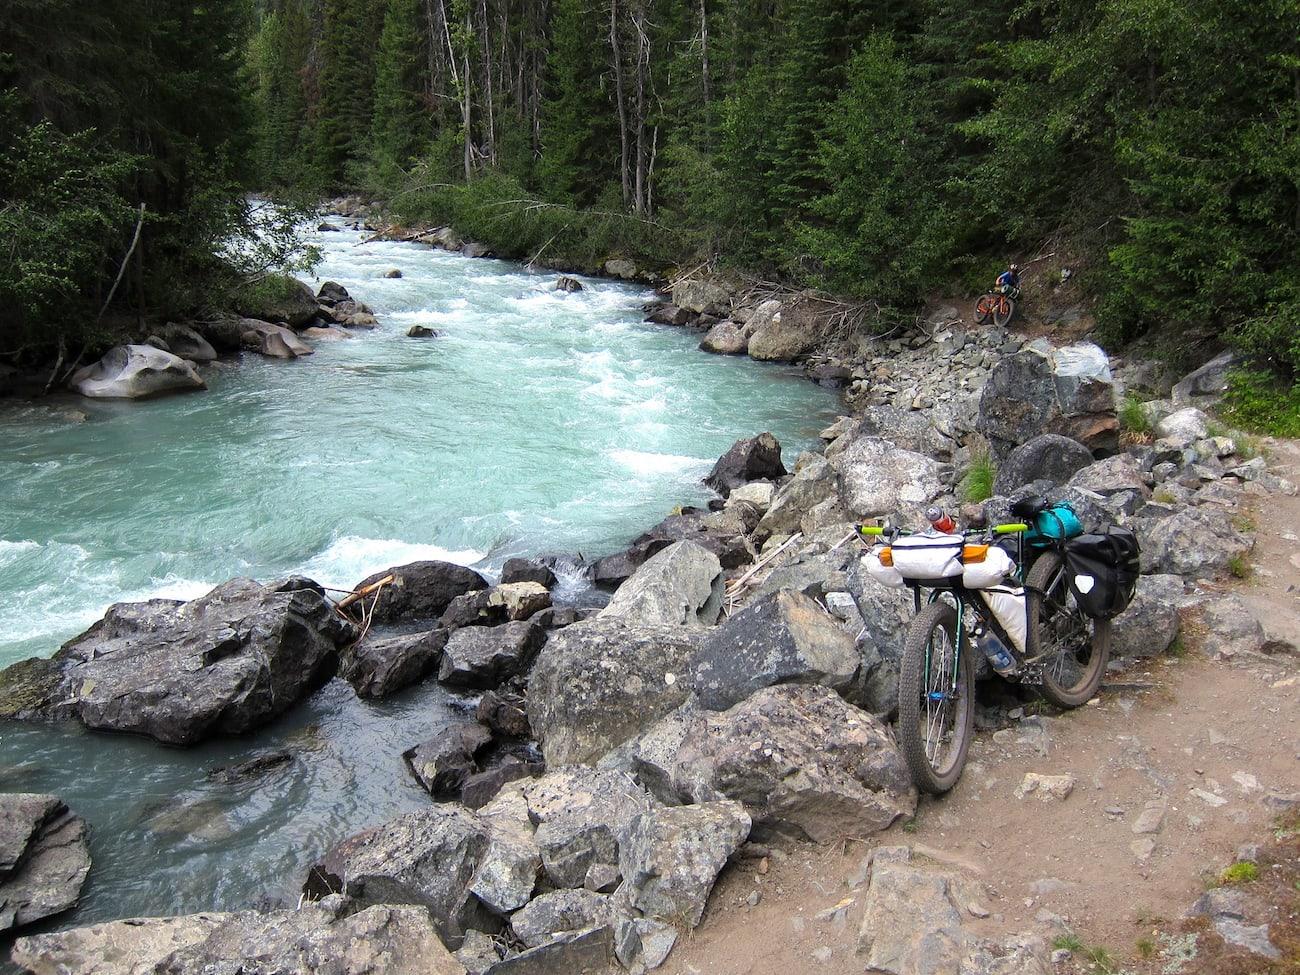 Bikepacking 101: 5 Bikepacking Tips for your First Bike Trip